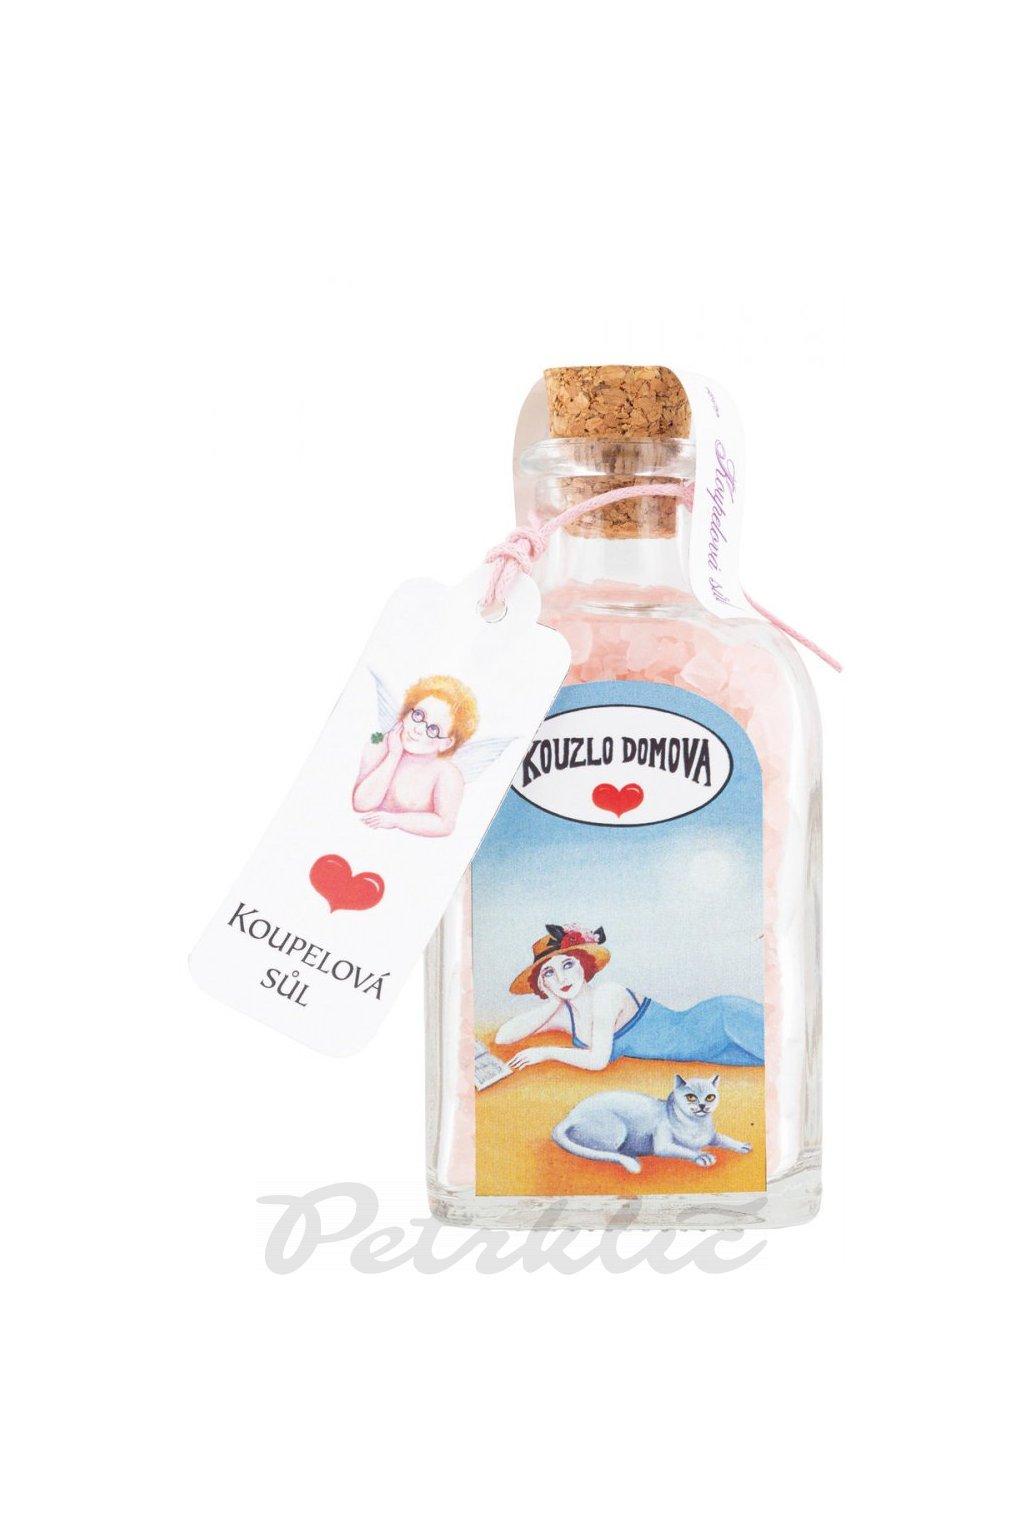 KOUZLO DOMOVA - koupelová sůl